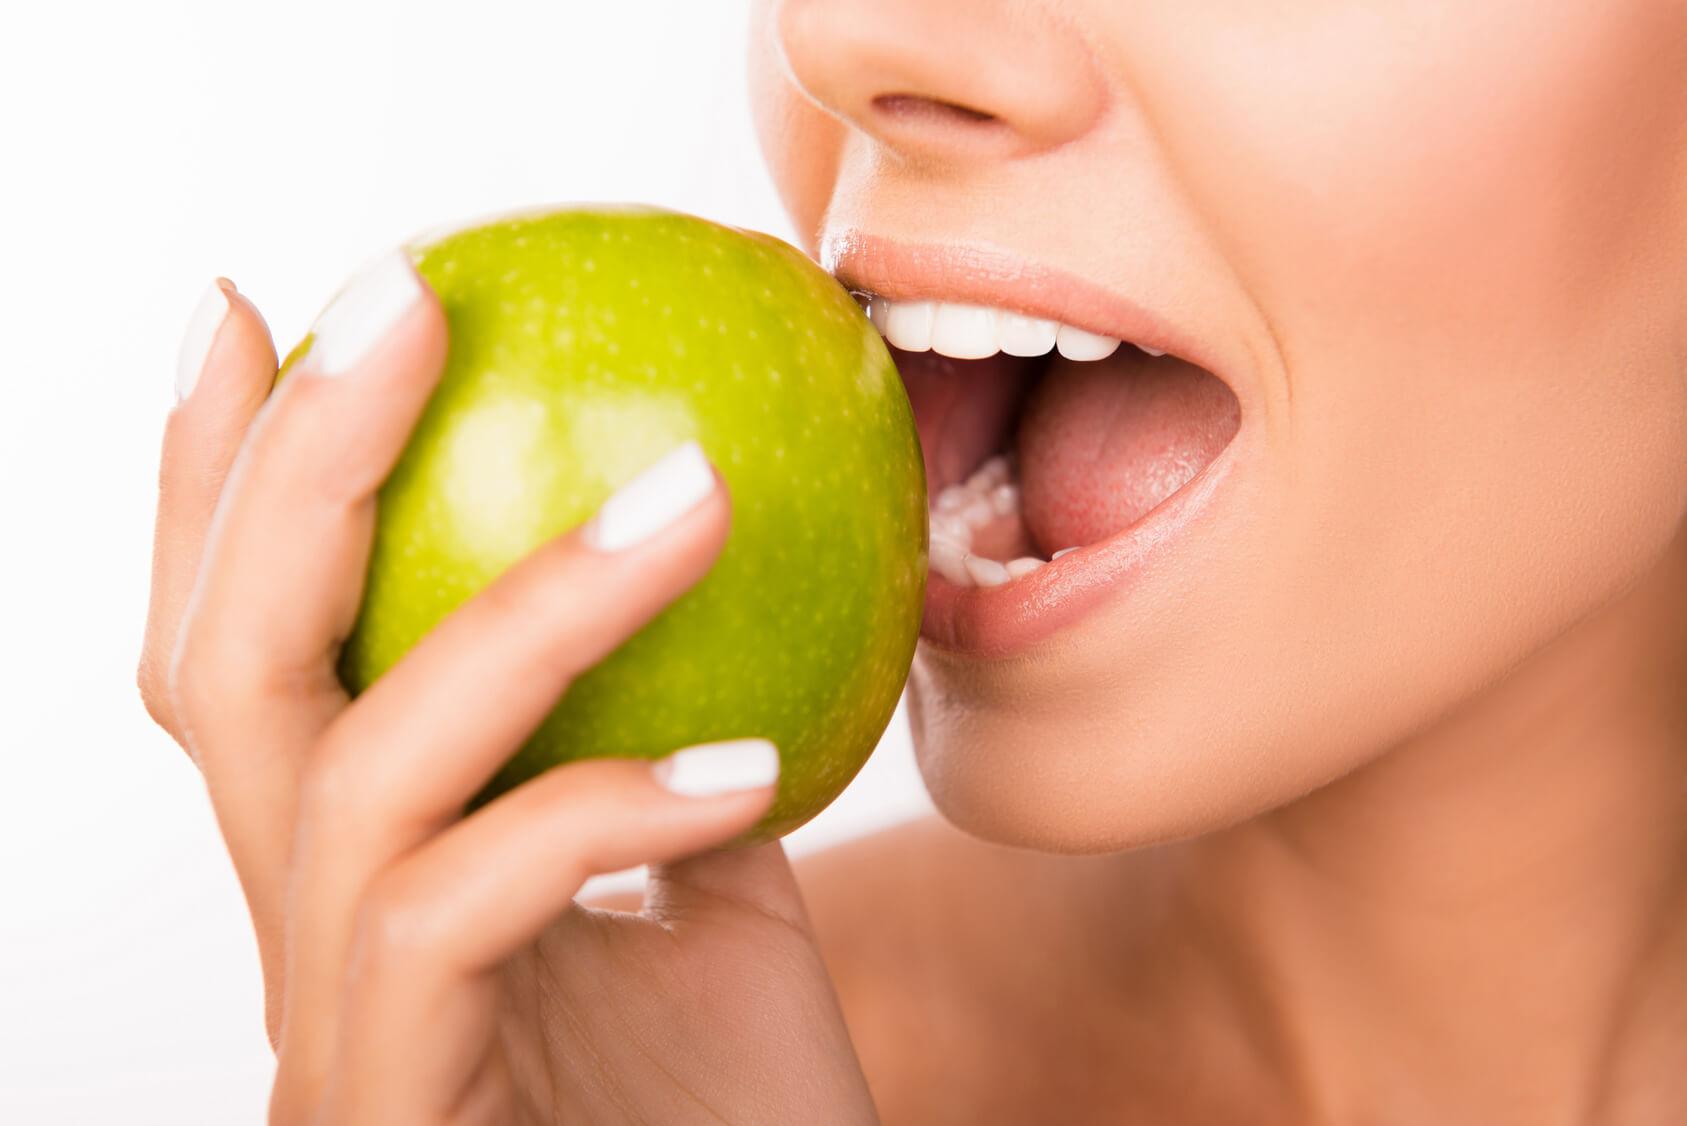 Großaufnahme eines Mundes einer jungen Frau, die in der rechten Hand einen grünen Apfel hält, zum ersten Biss ansetzt und dabei über zahngesunde Ernährung nachdenkt